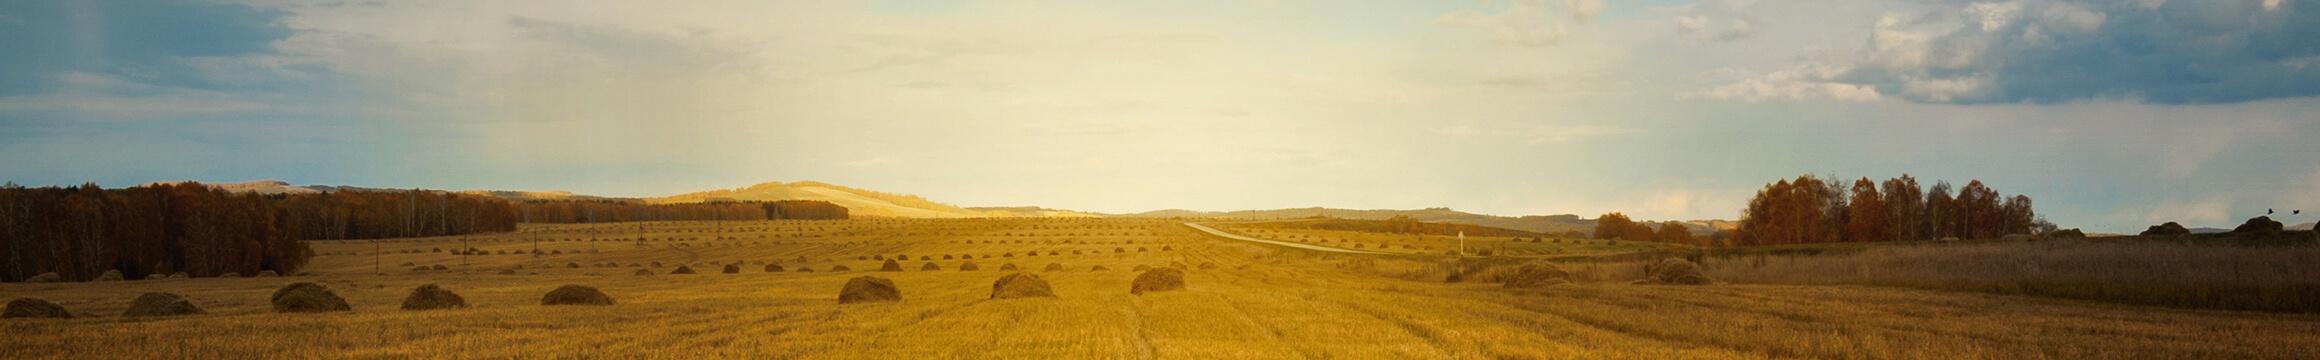 Farming Rural 21